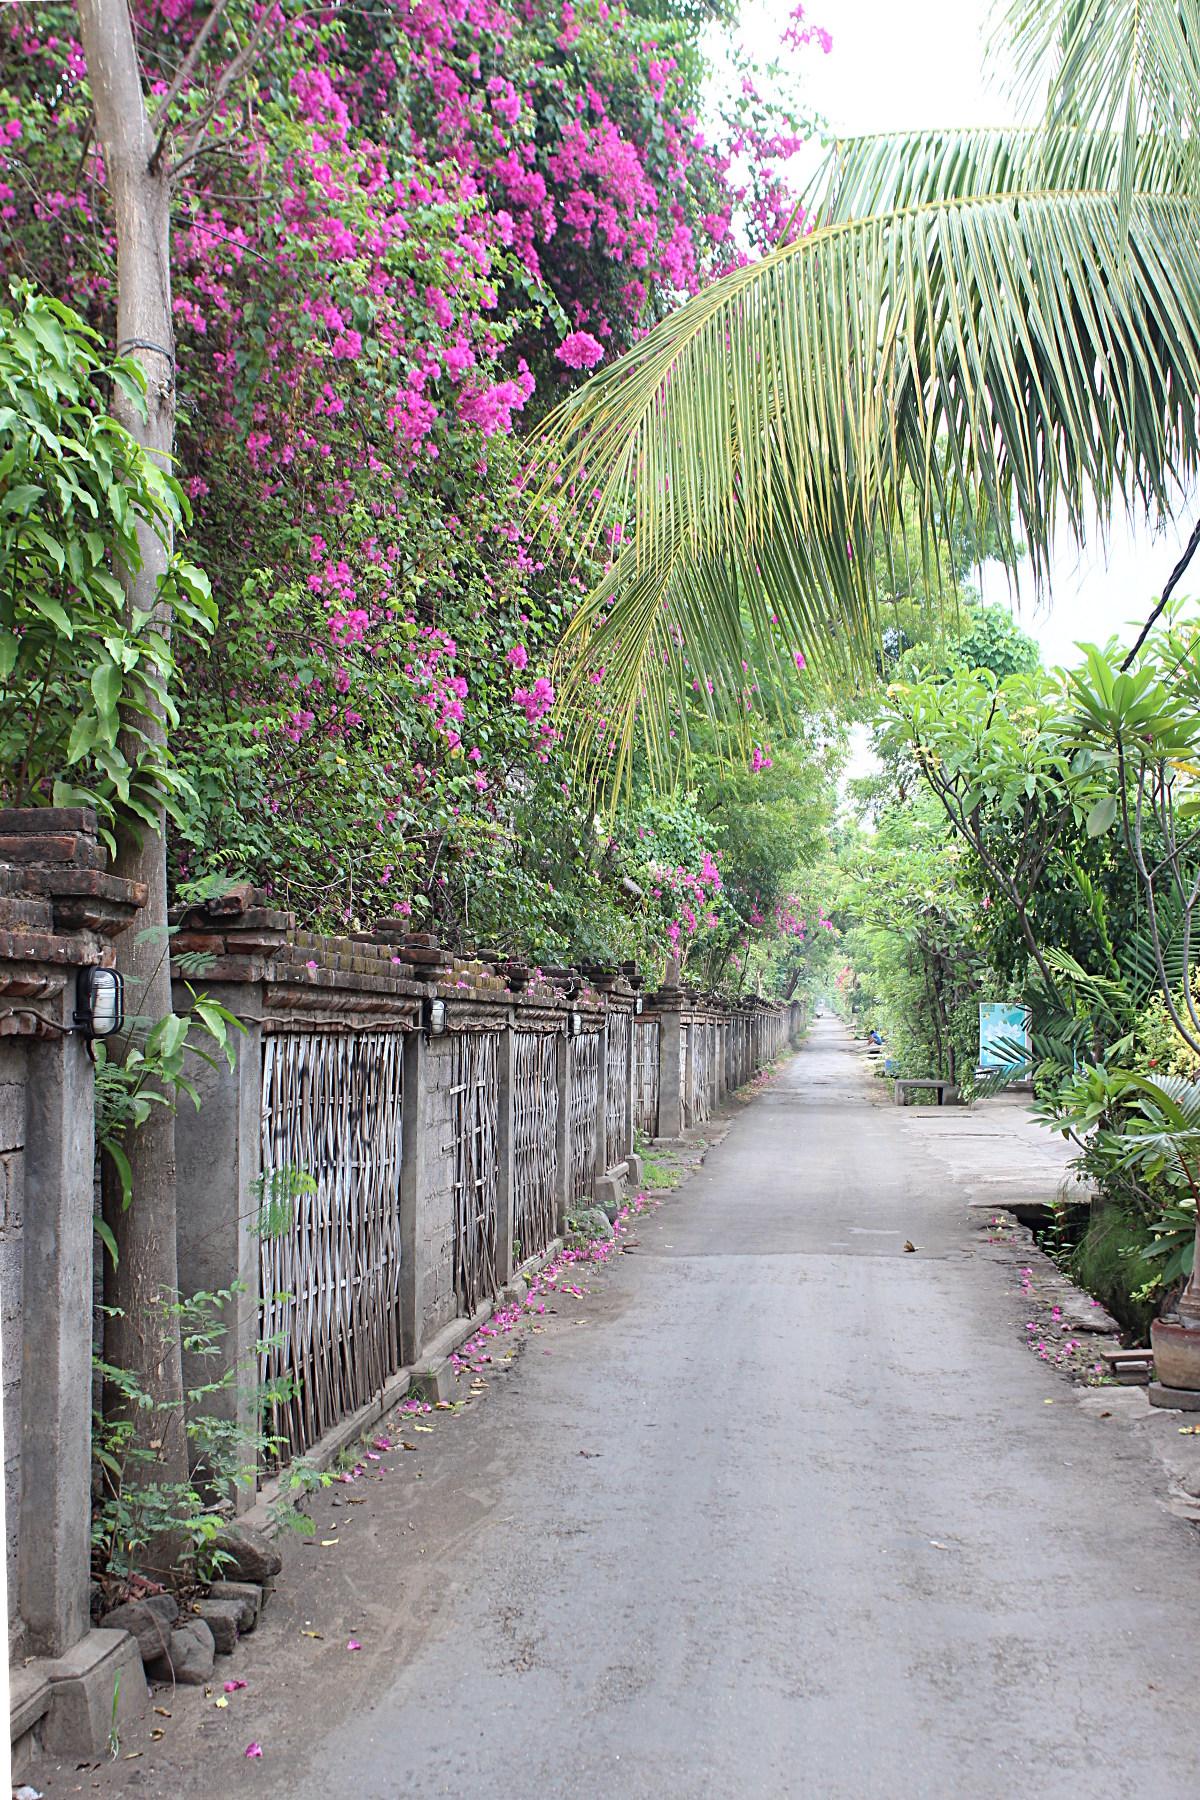 Street in Pemuteran